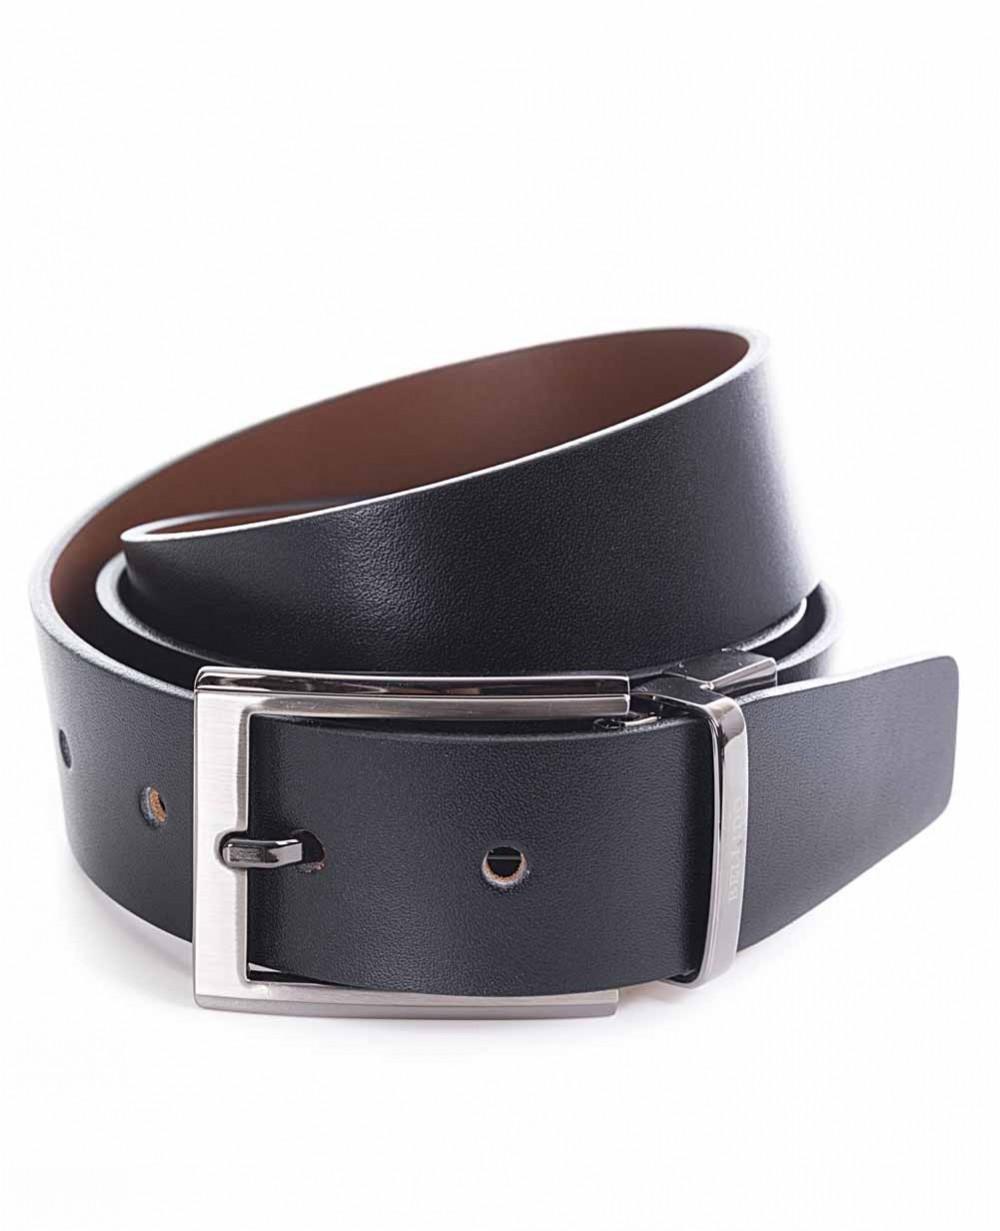 Miguel Bellido Cinturón clásico reversible Piel Negro/Marrón 95 (Foto )